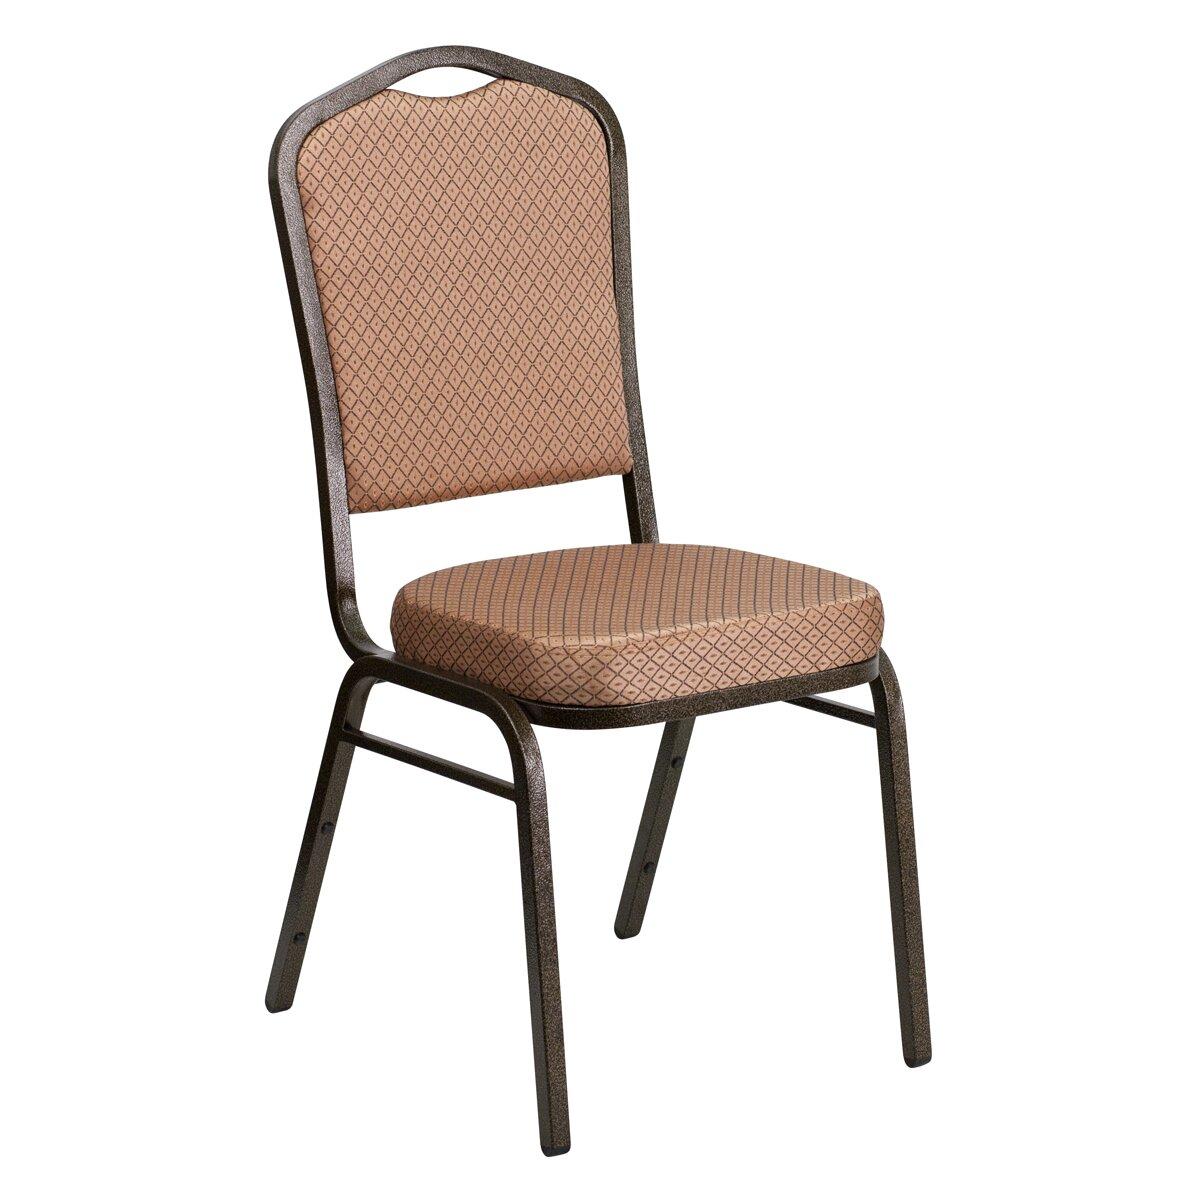 fex Hercules Series Crown Banquet Chair & Reviews